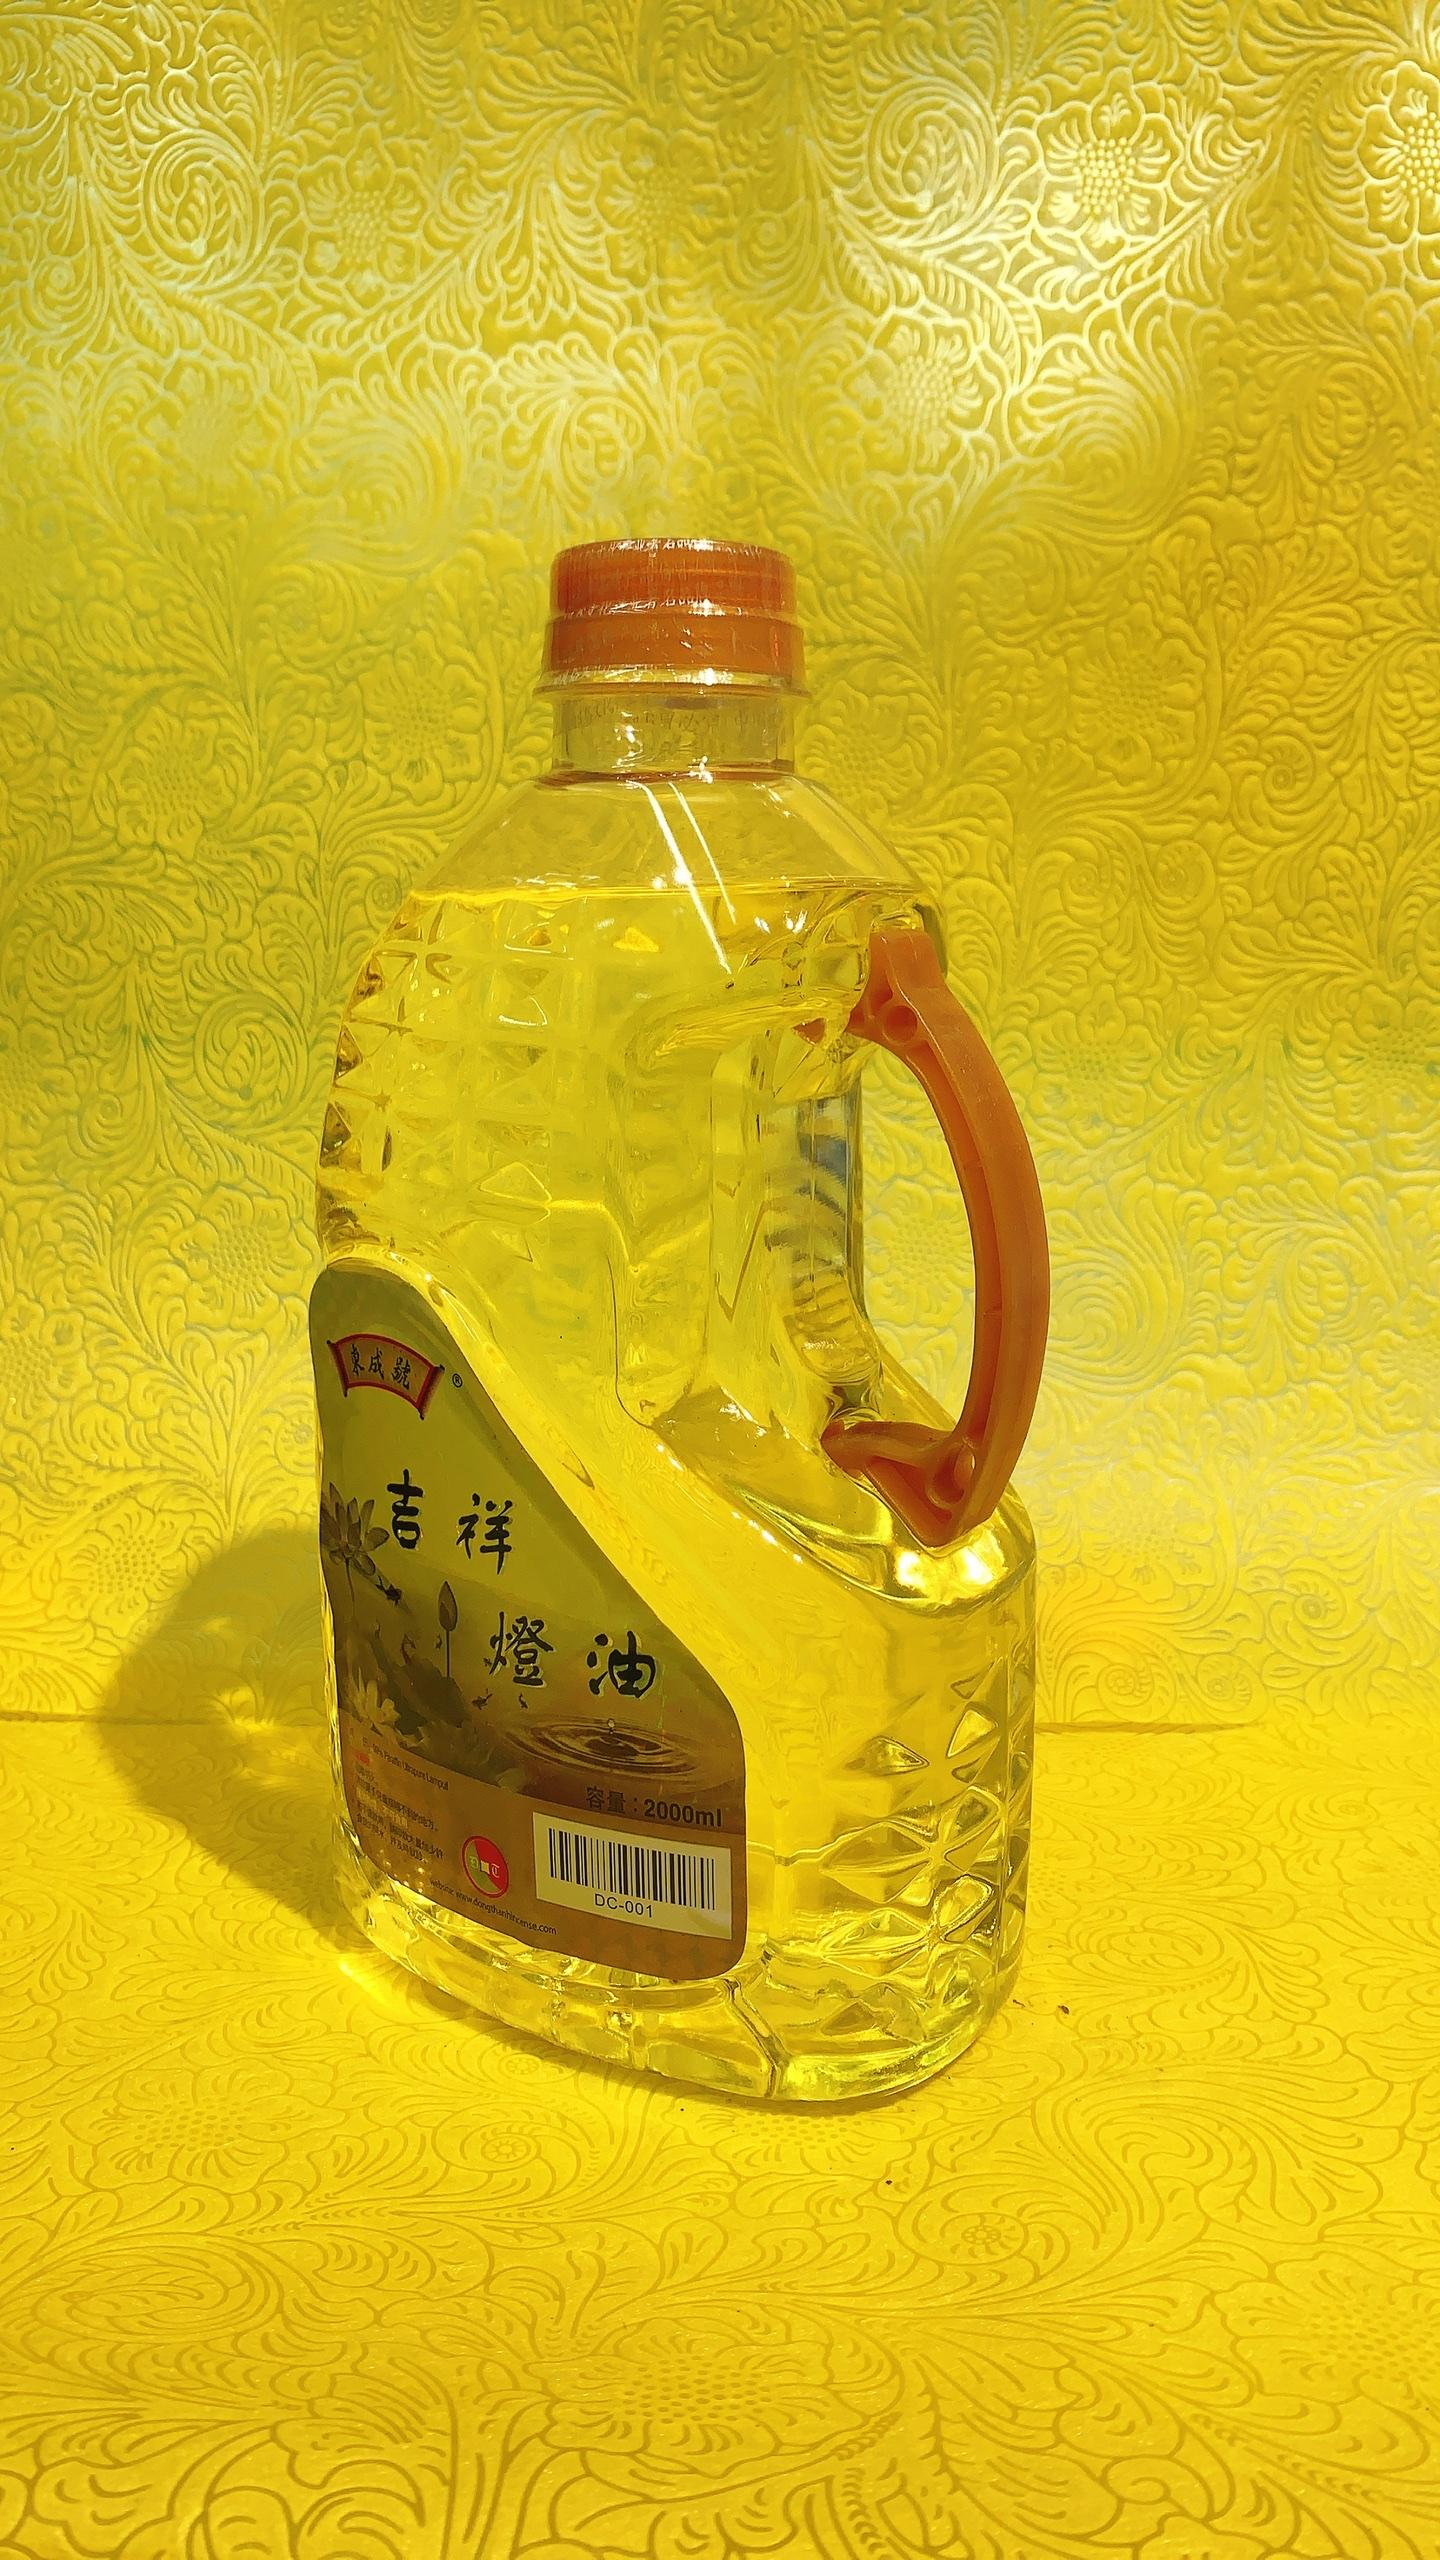 Combo 2 can dầu thắp nguyên liệu bơ thực vật, cháy không khói, không muội, an toàn dung tích 1 can 2L